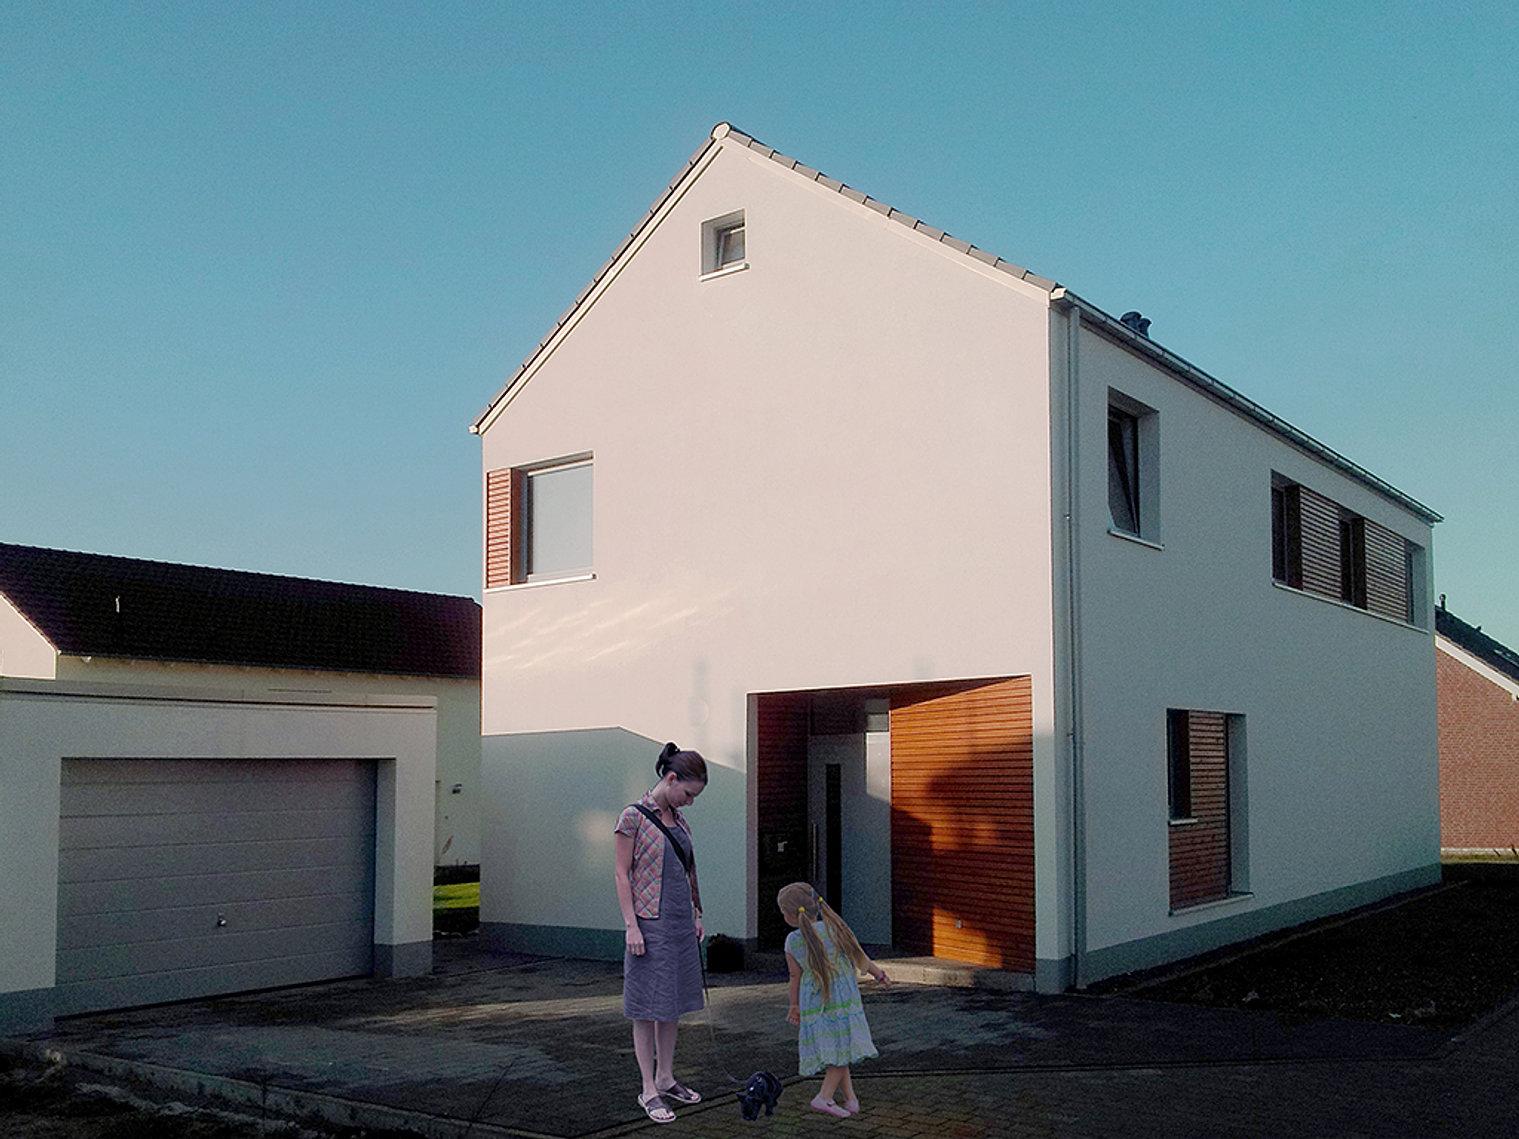 Einfamilienhaus gondesen architekt braunschweig - Architekt gifhorn ...